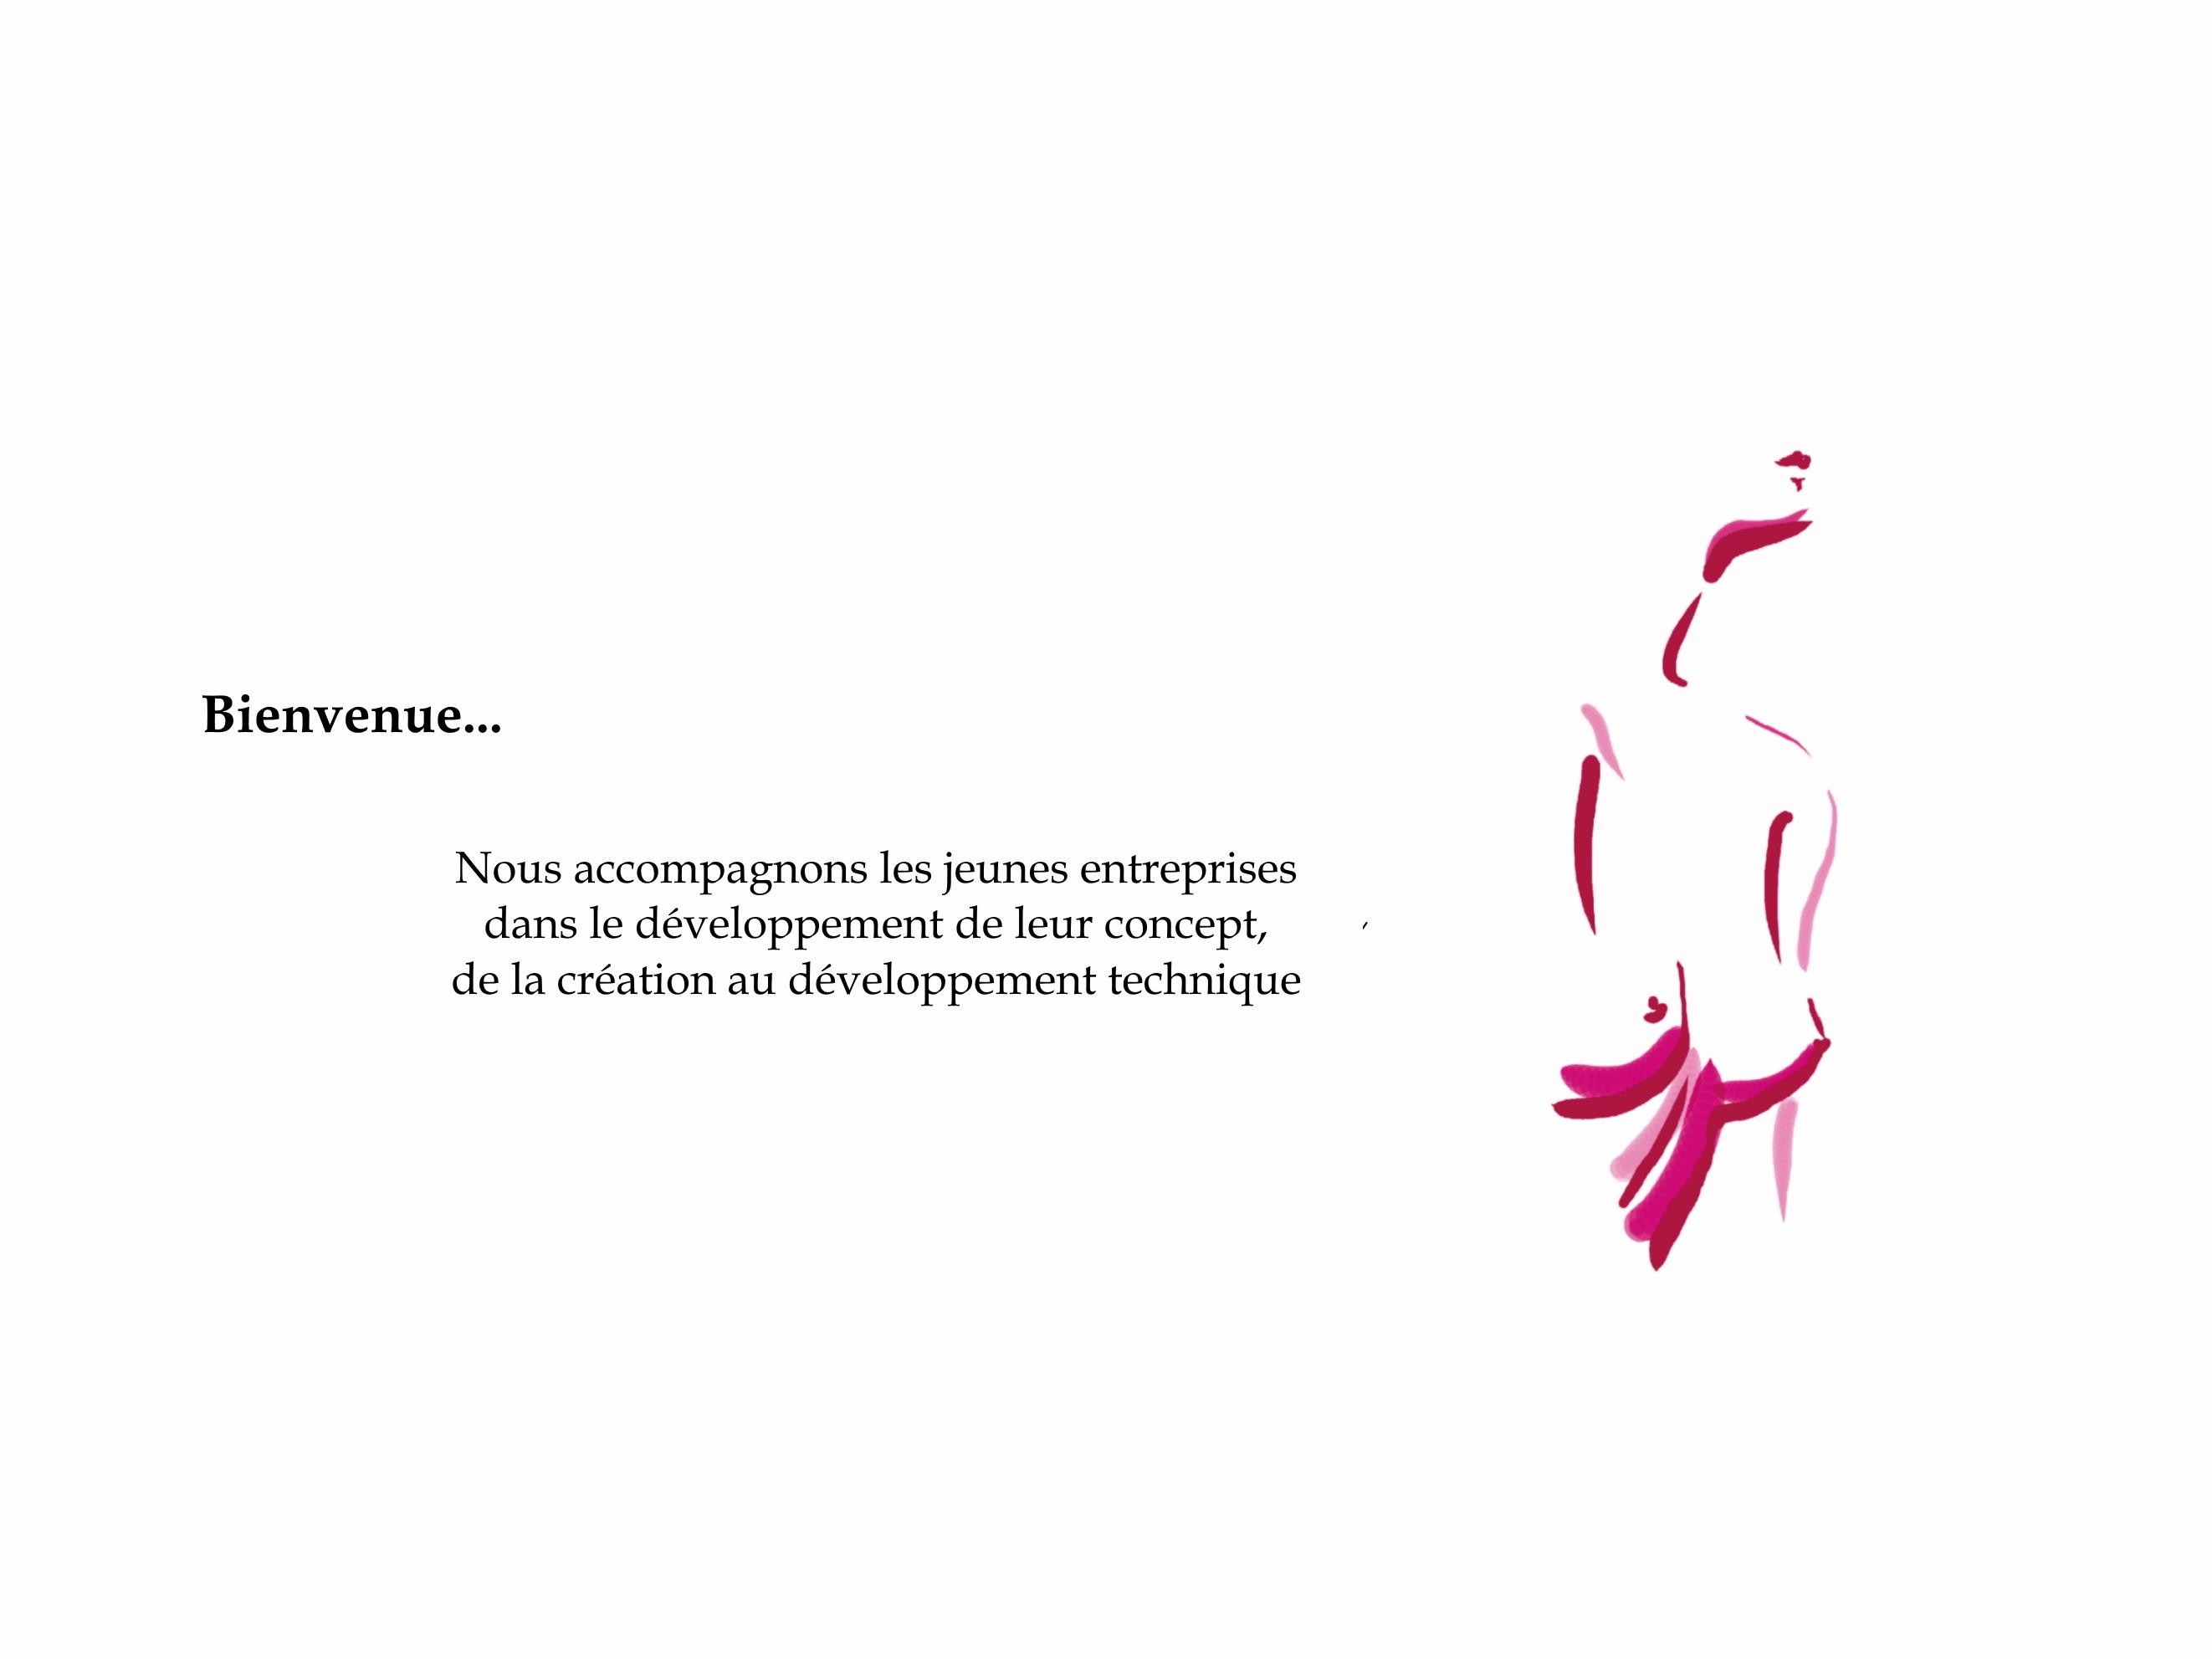 Atelier du Dessous accompagne le lancement de nouveaux concepts